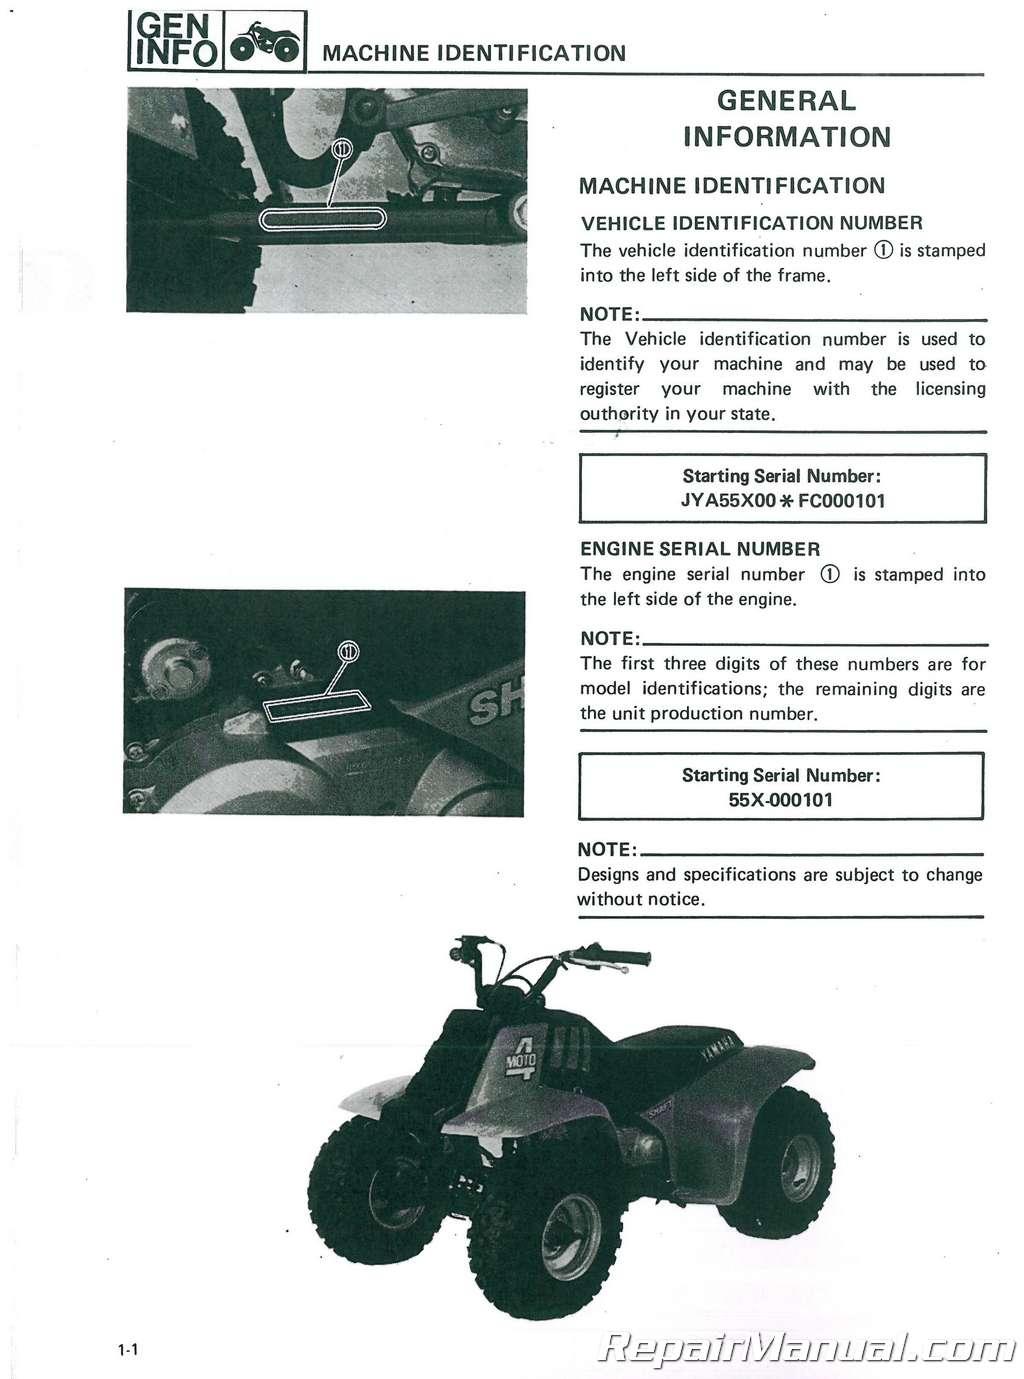 ... 1985-1988-Yamaha-YFM80-Service-Manual_003.jpg